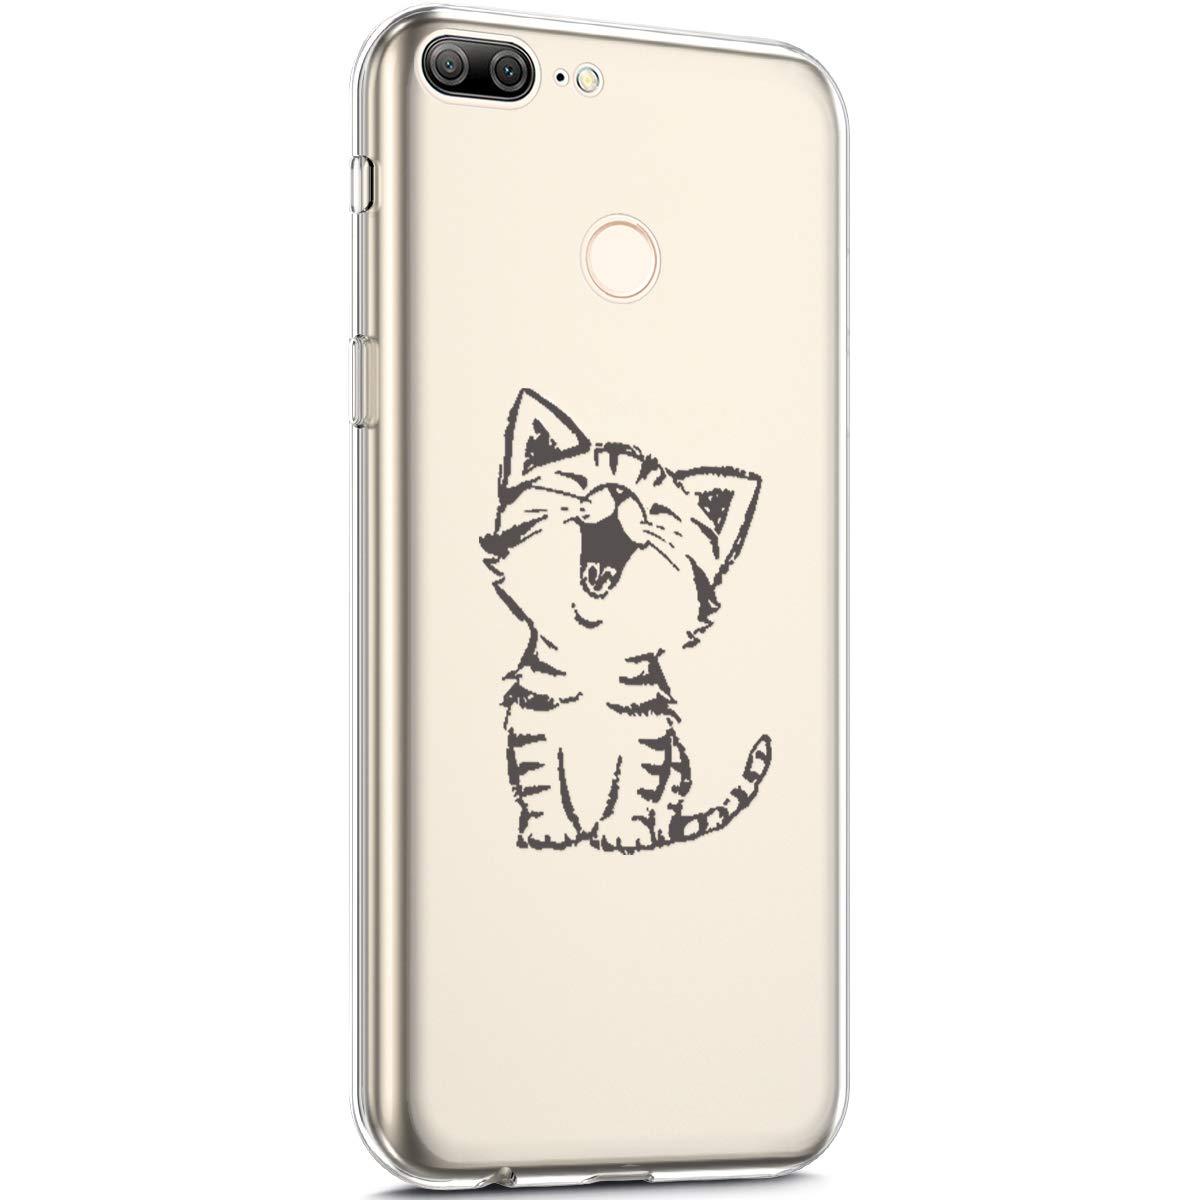 Surakey Cover Huawei Honor 9 Lite, Custodia Silicone Trasparente con Disegni Fiore di Ciliegio Cartoon Divertente Sottile e Leggero Protettiva Skin Crystal Clear Cover per Huawei Honor 9 Lite,Giraffa